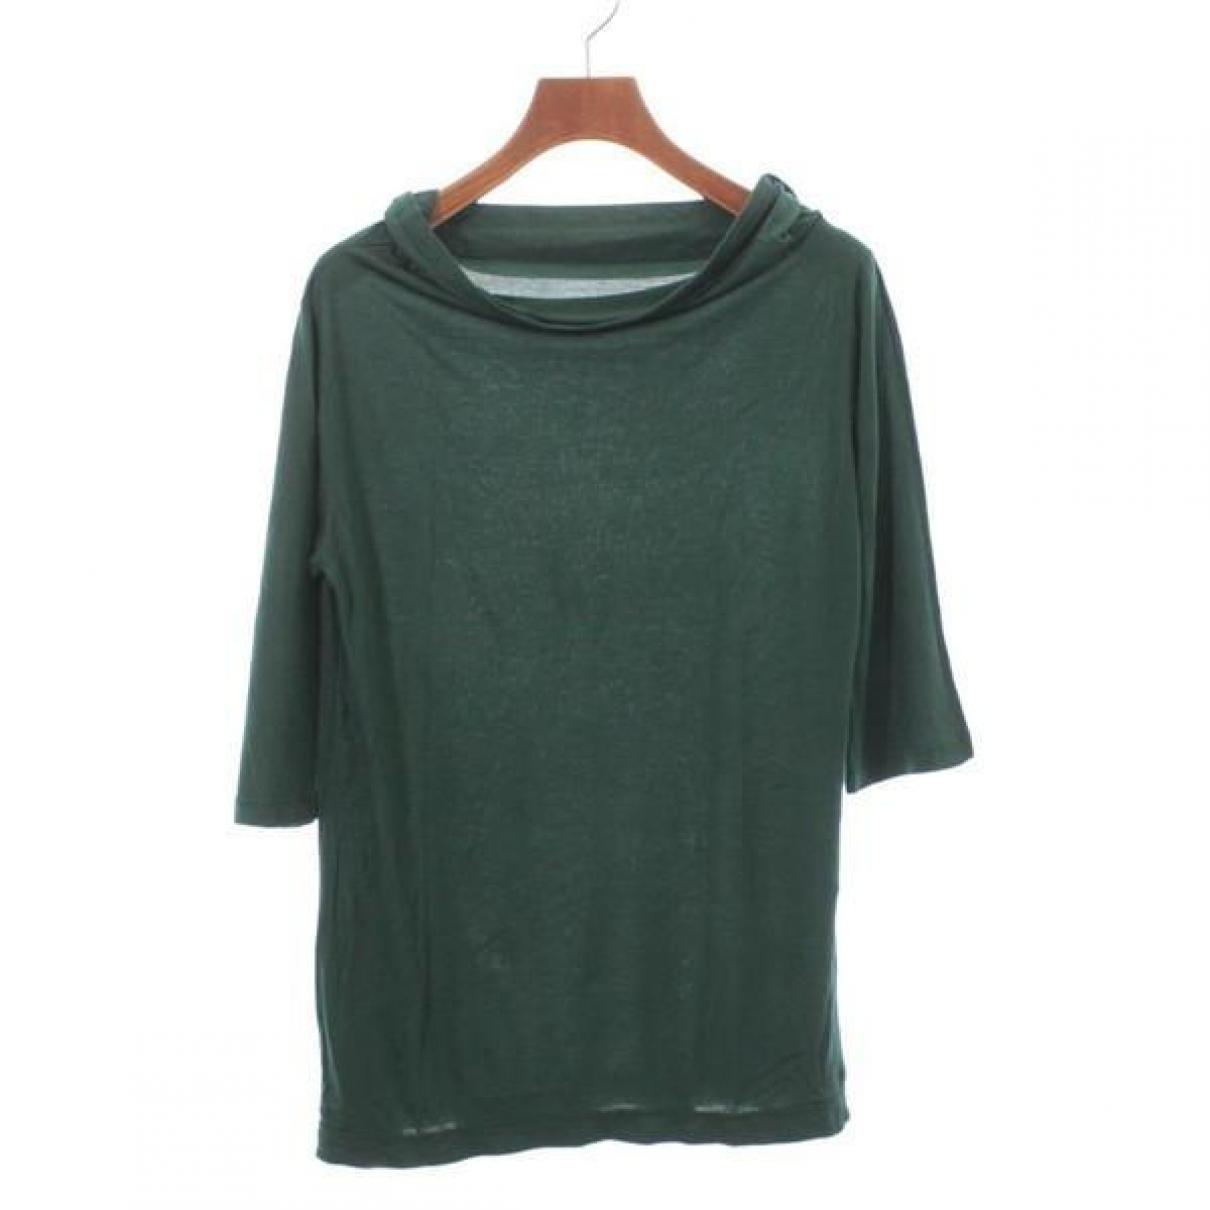 Camiseta Dries Van Noten